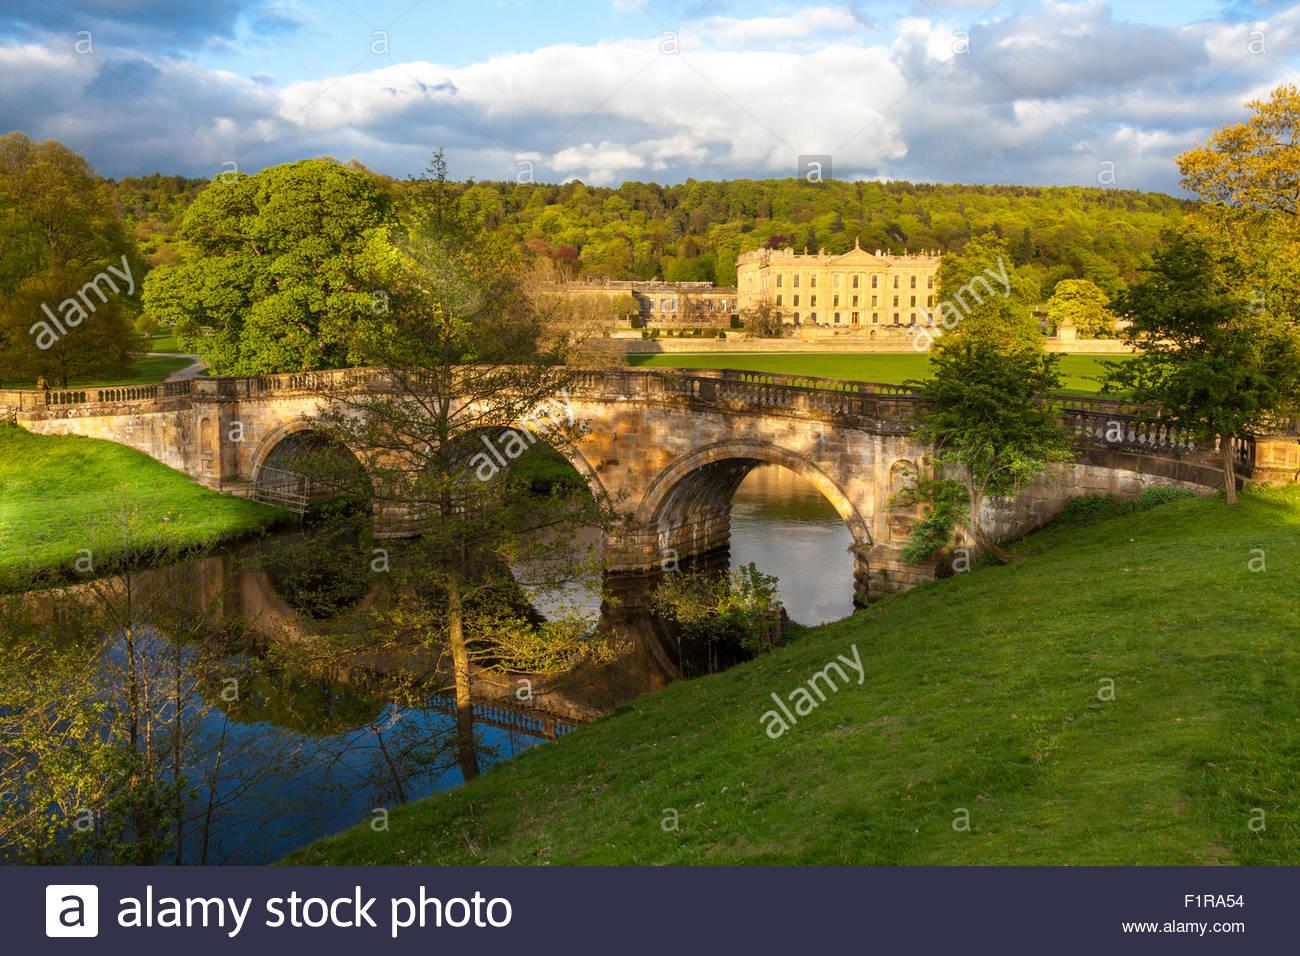 Chatsworth House & Estate, Derbyshire, England, U.K. - Stock Image